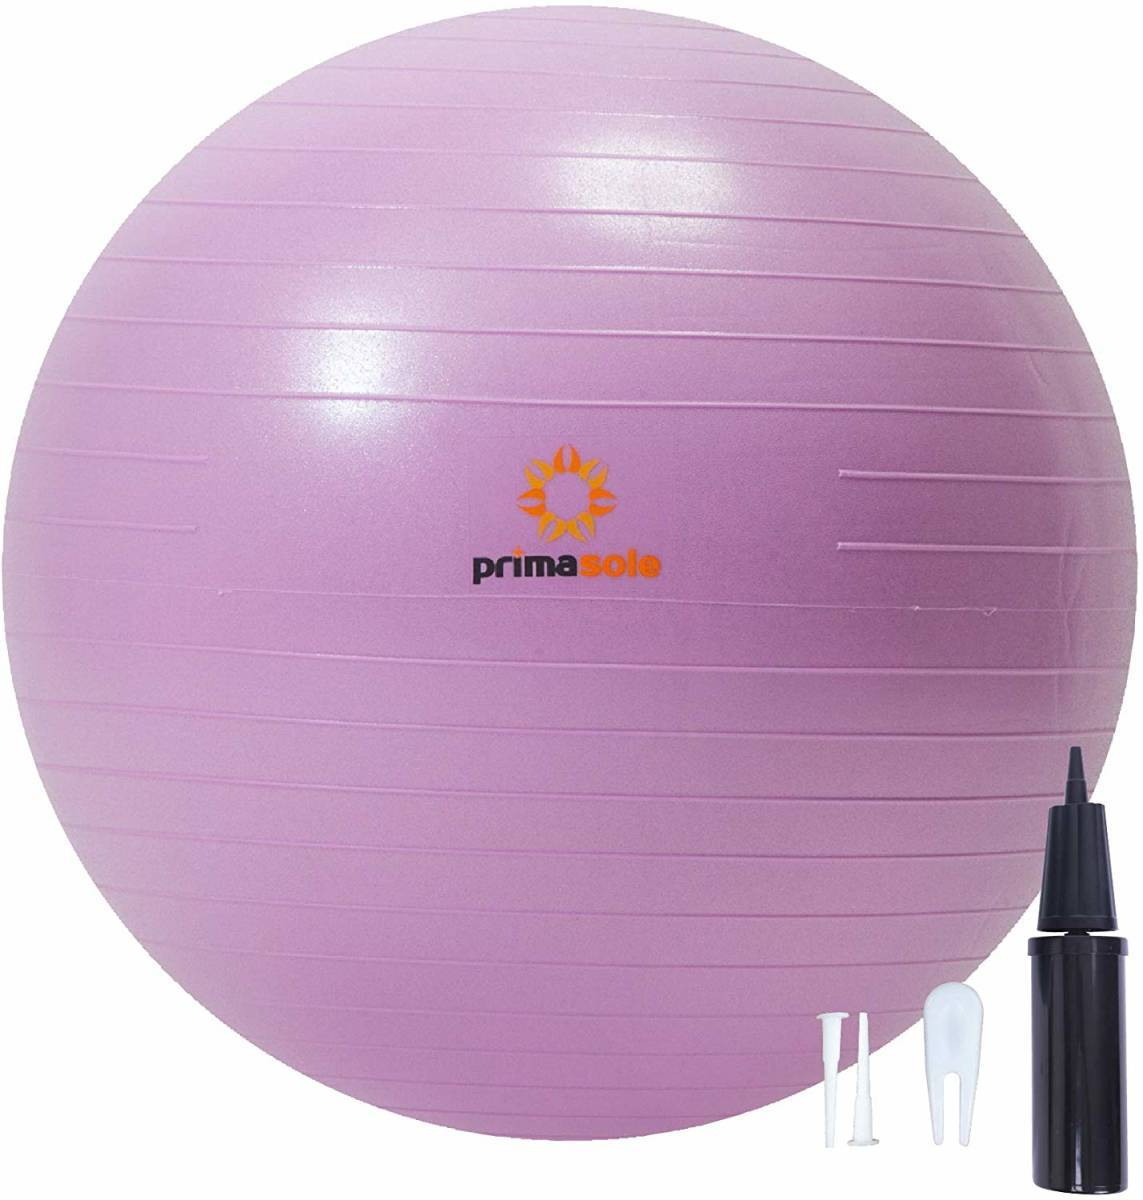 【限定ブランド】プリマソーレ(primasole) フィットネスボール 【75cm】空気入れ付き バランスボール フィットネス ピラティス